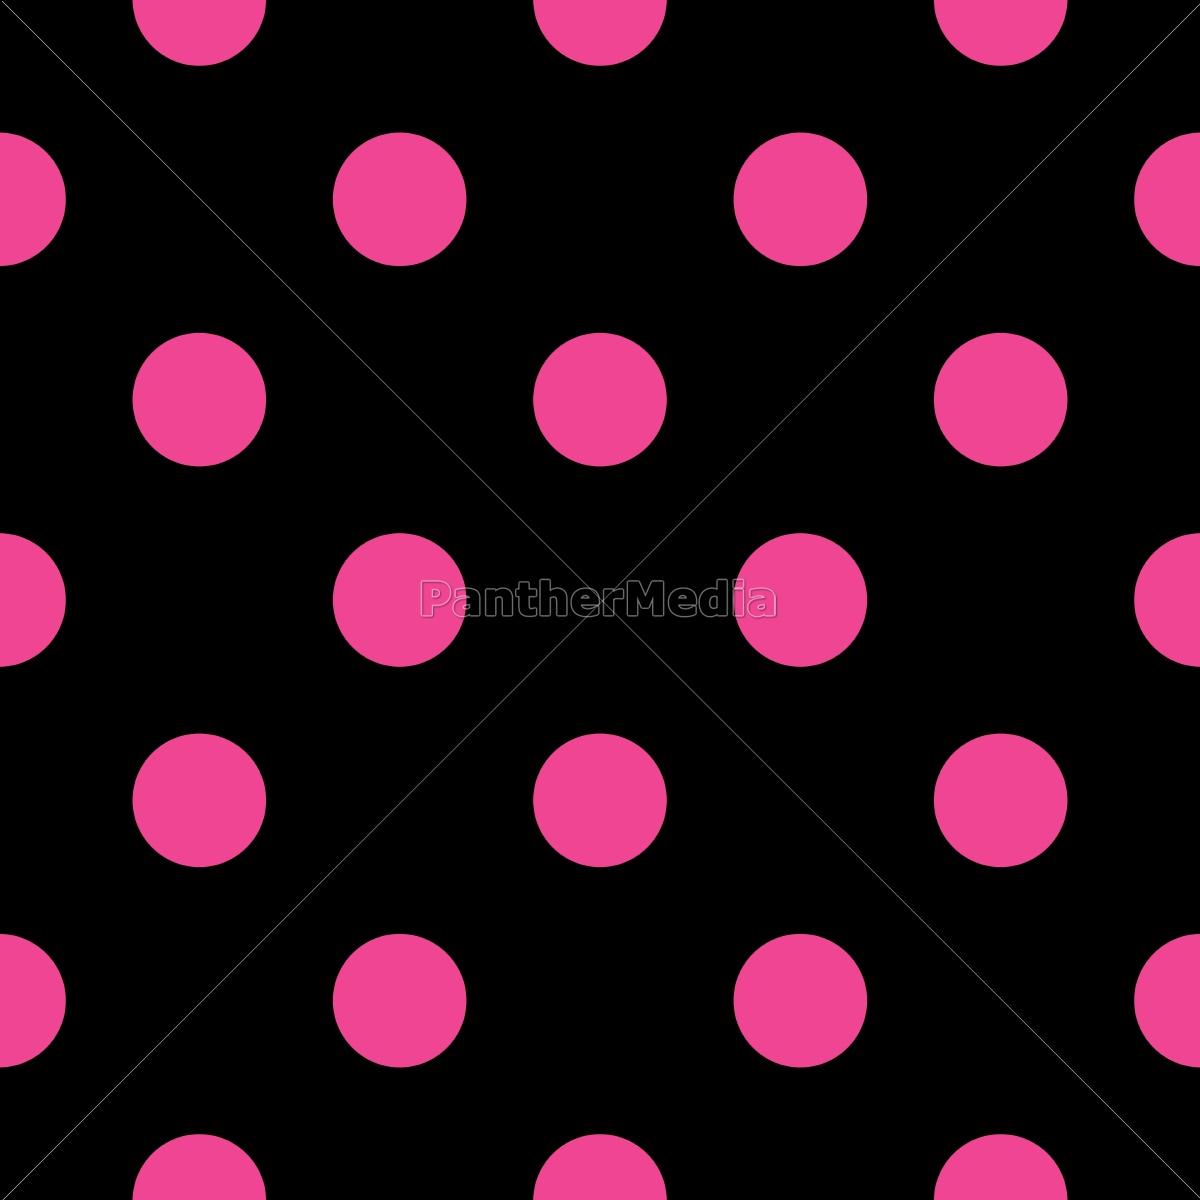 nahtlose, vektor-muster, oder, textur, mit, neon-rosa - 10283049